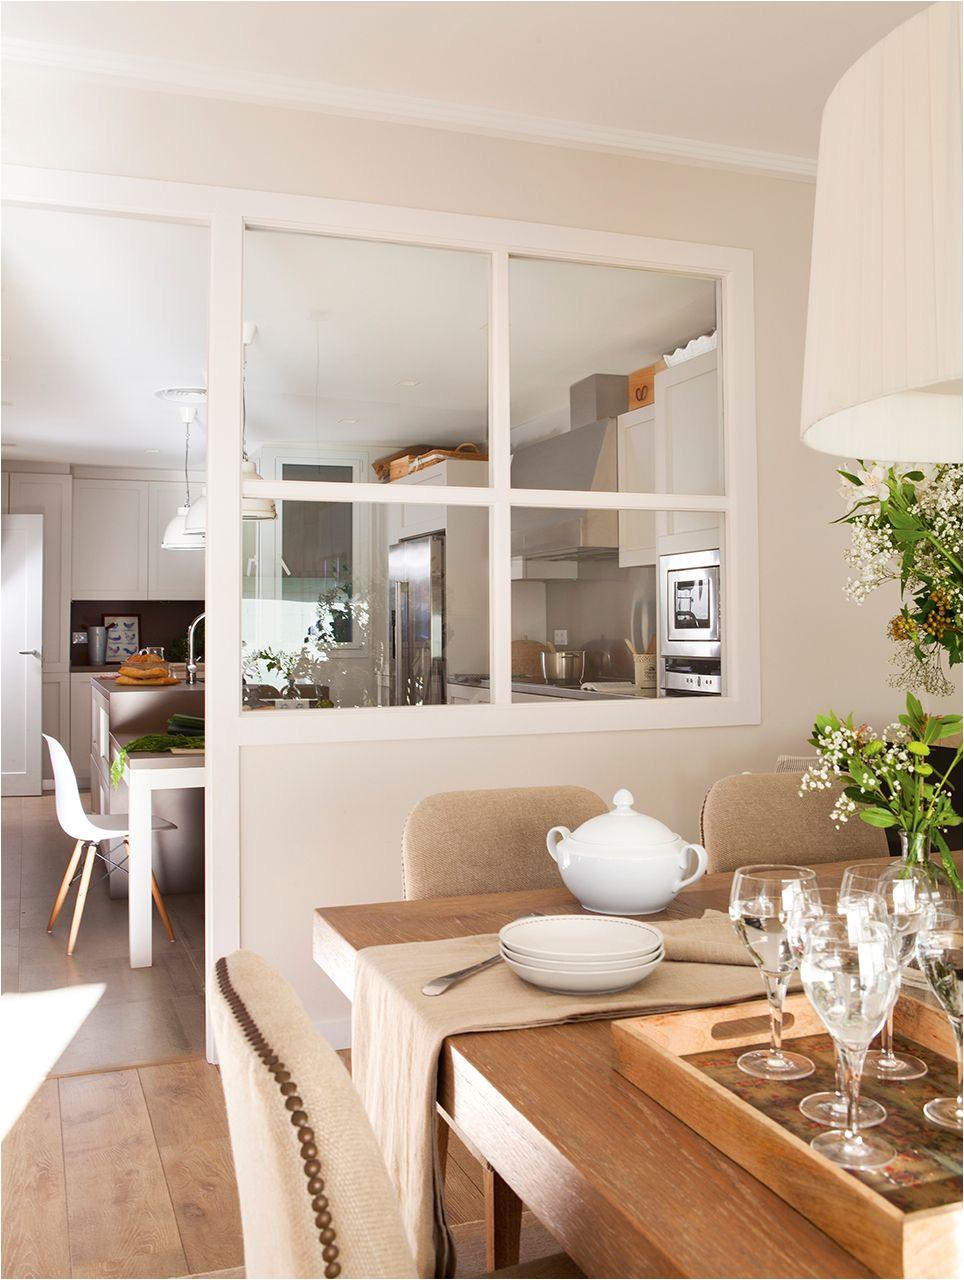 cocina separada del comedor por vidrio de cuarterones